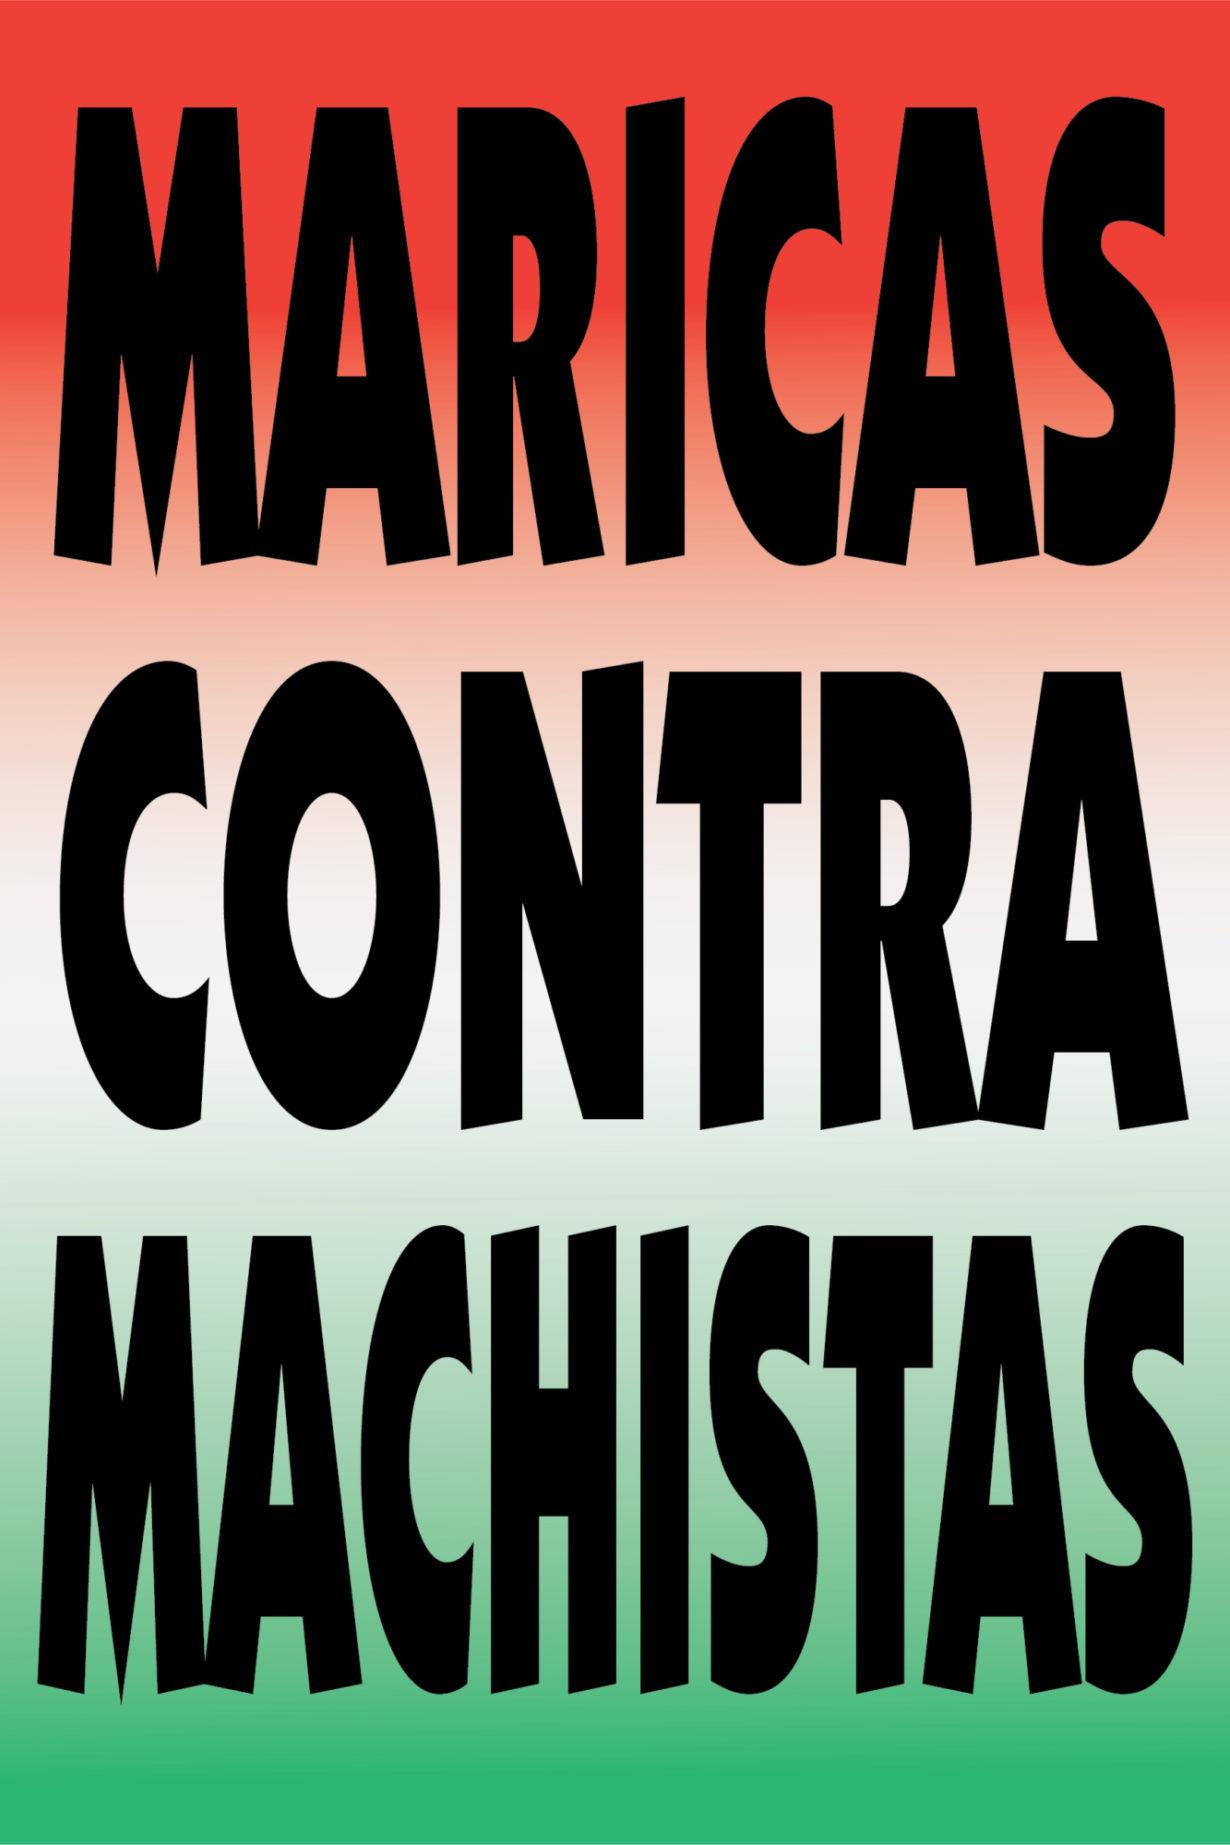 NP_01_25_2017_Maricas-Contra-Machistas.jpg